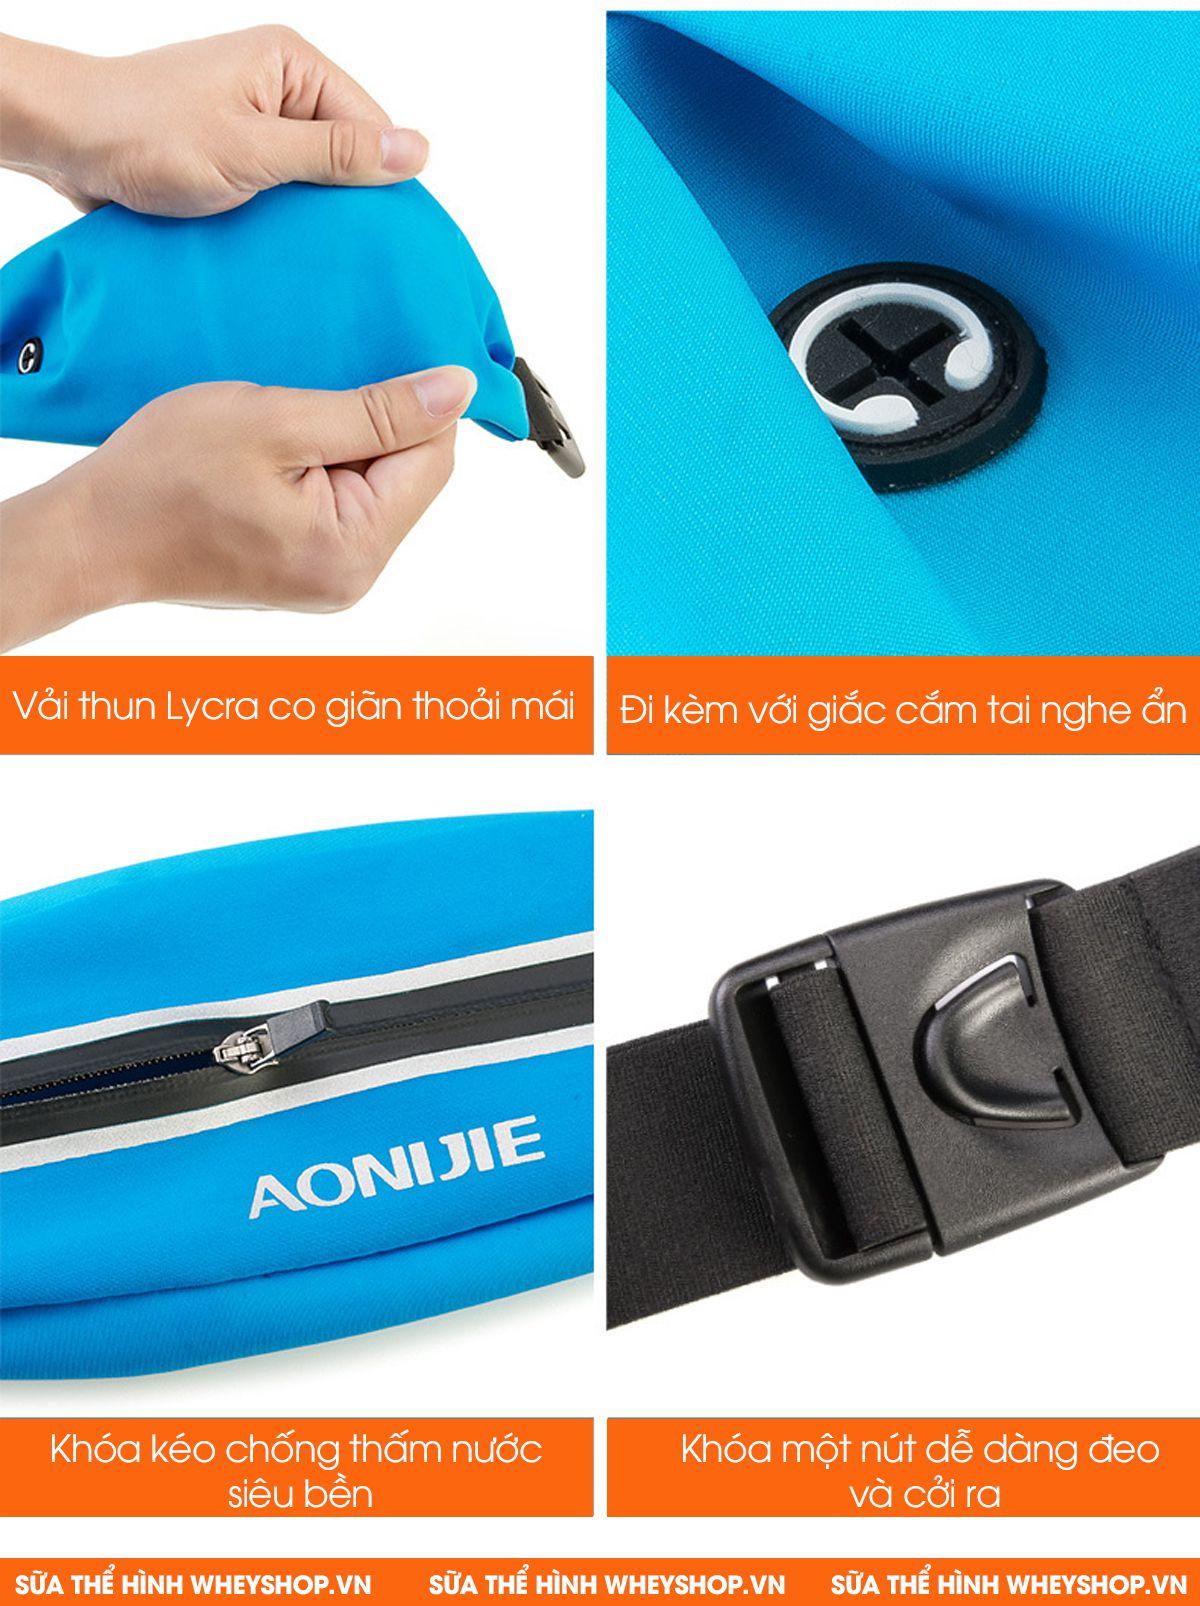 Đai đeo bụng chạy bộ Aonijie E919 tiện lợi, nhỏ gọn, chống thấm nước thích hợp cho các hoạt động ngoài trời, tập luyện..